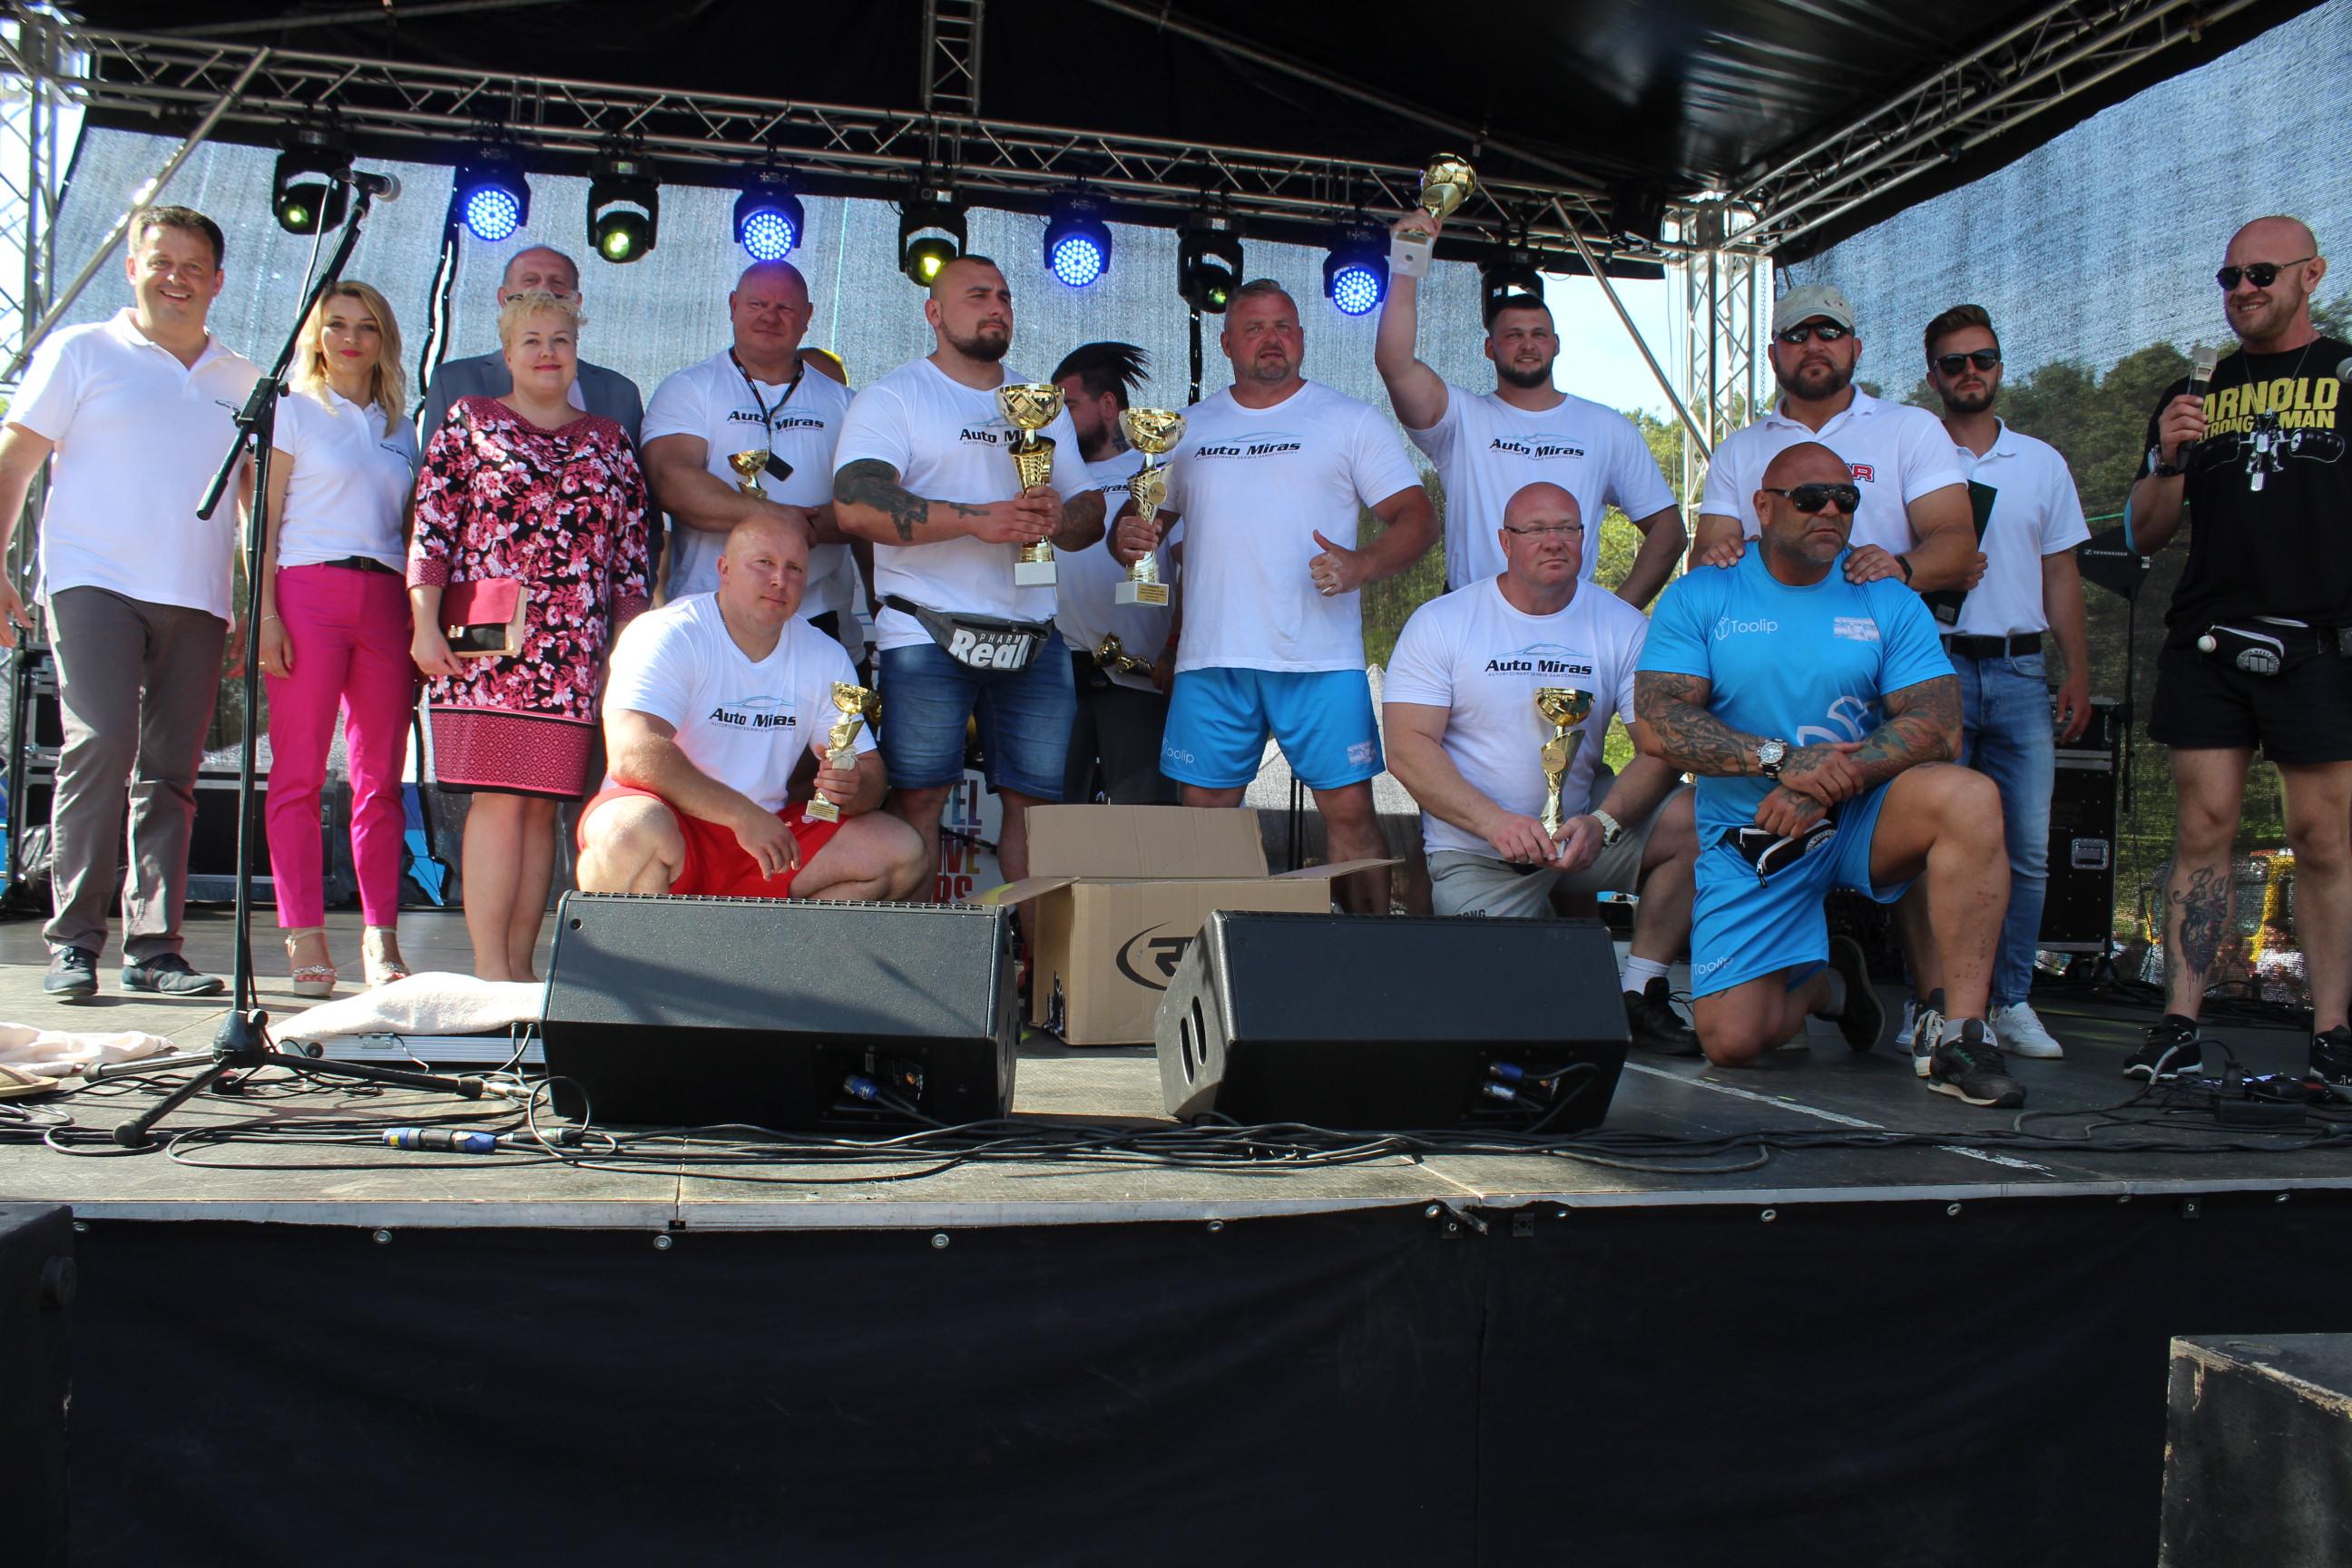 Rywalizacja Strongmanów zakończyła się wręczeniem nagród i pucharów fot. P.CH. / zKaszub.info